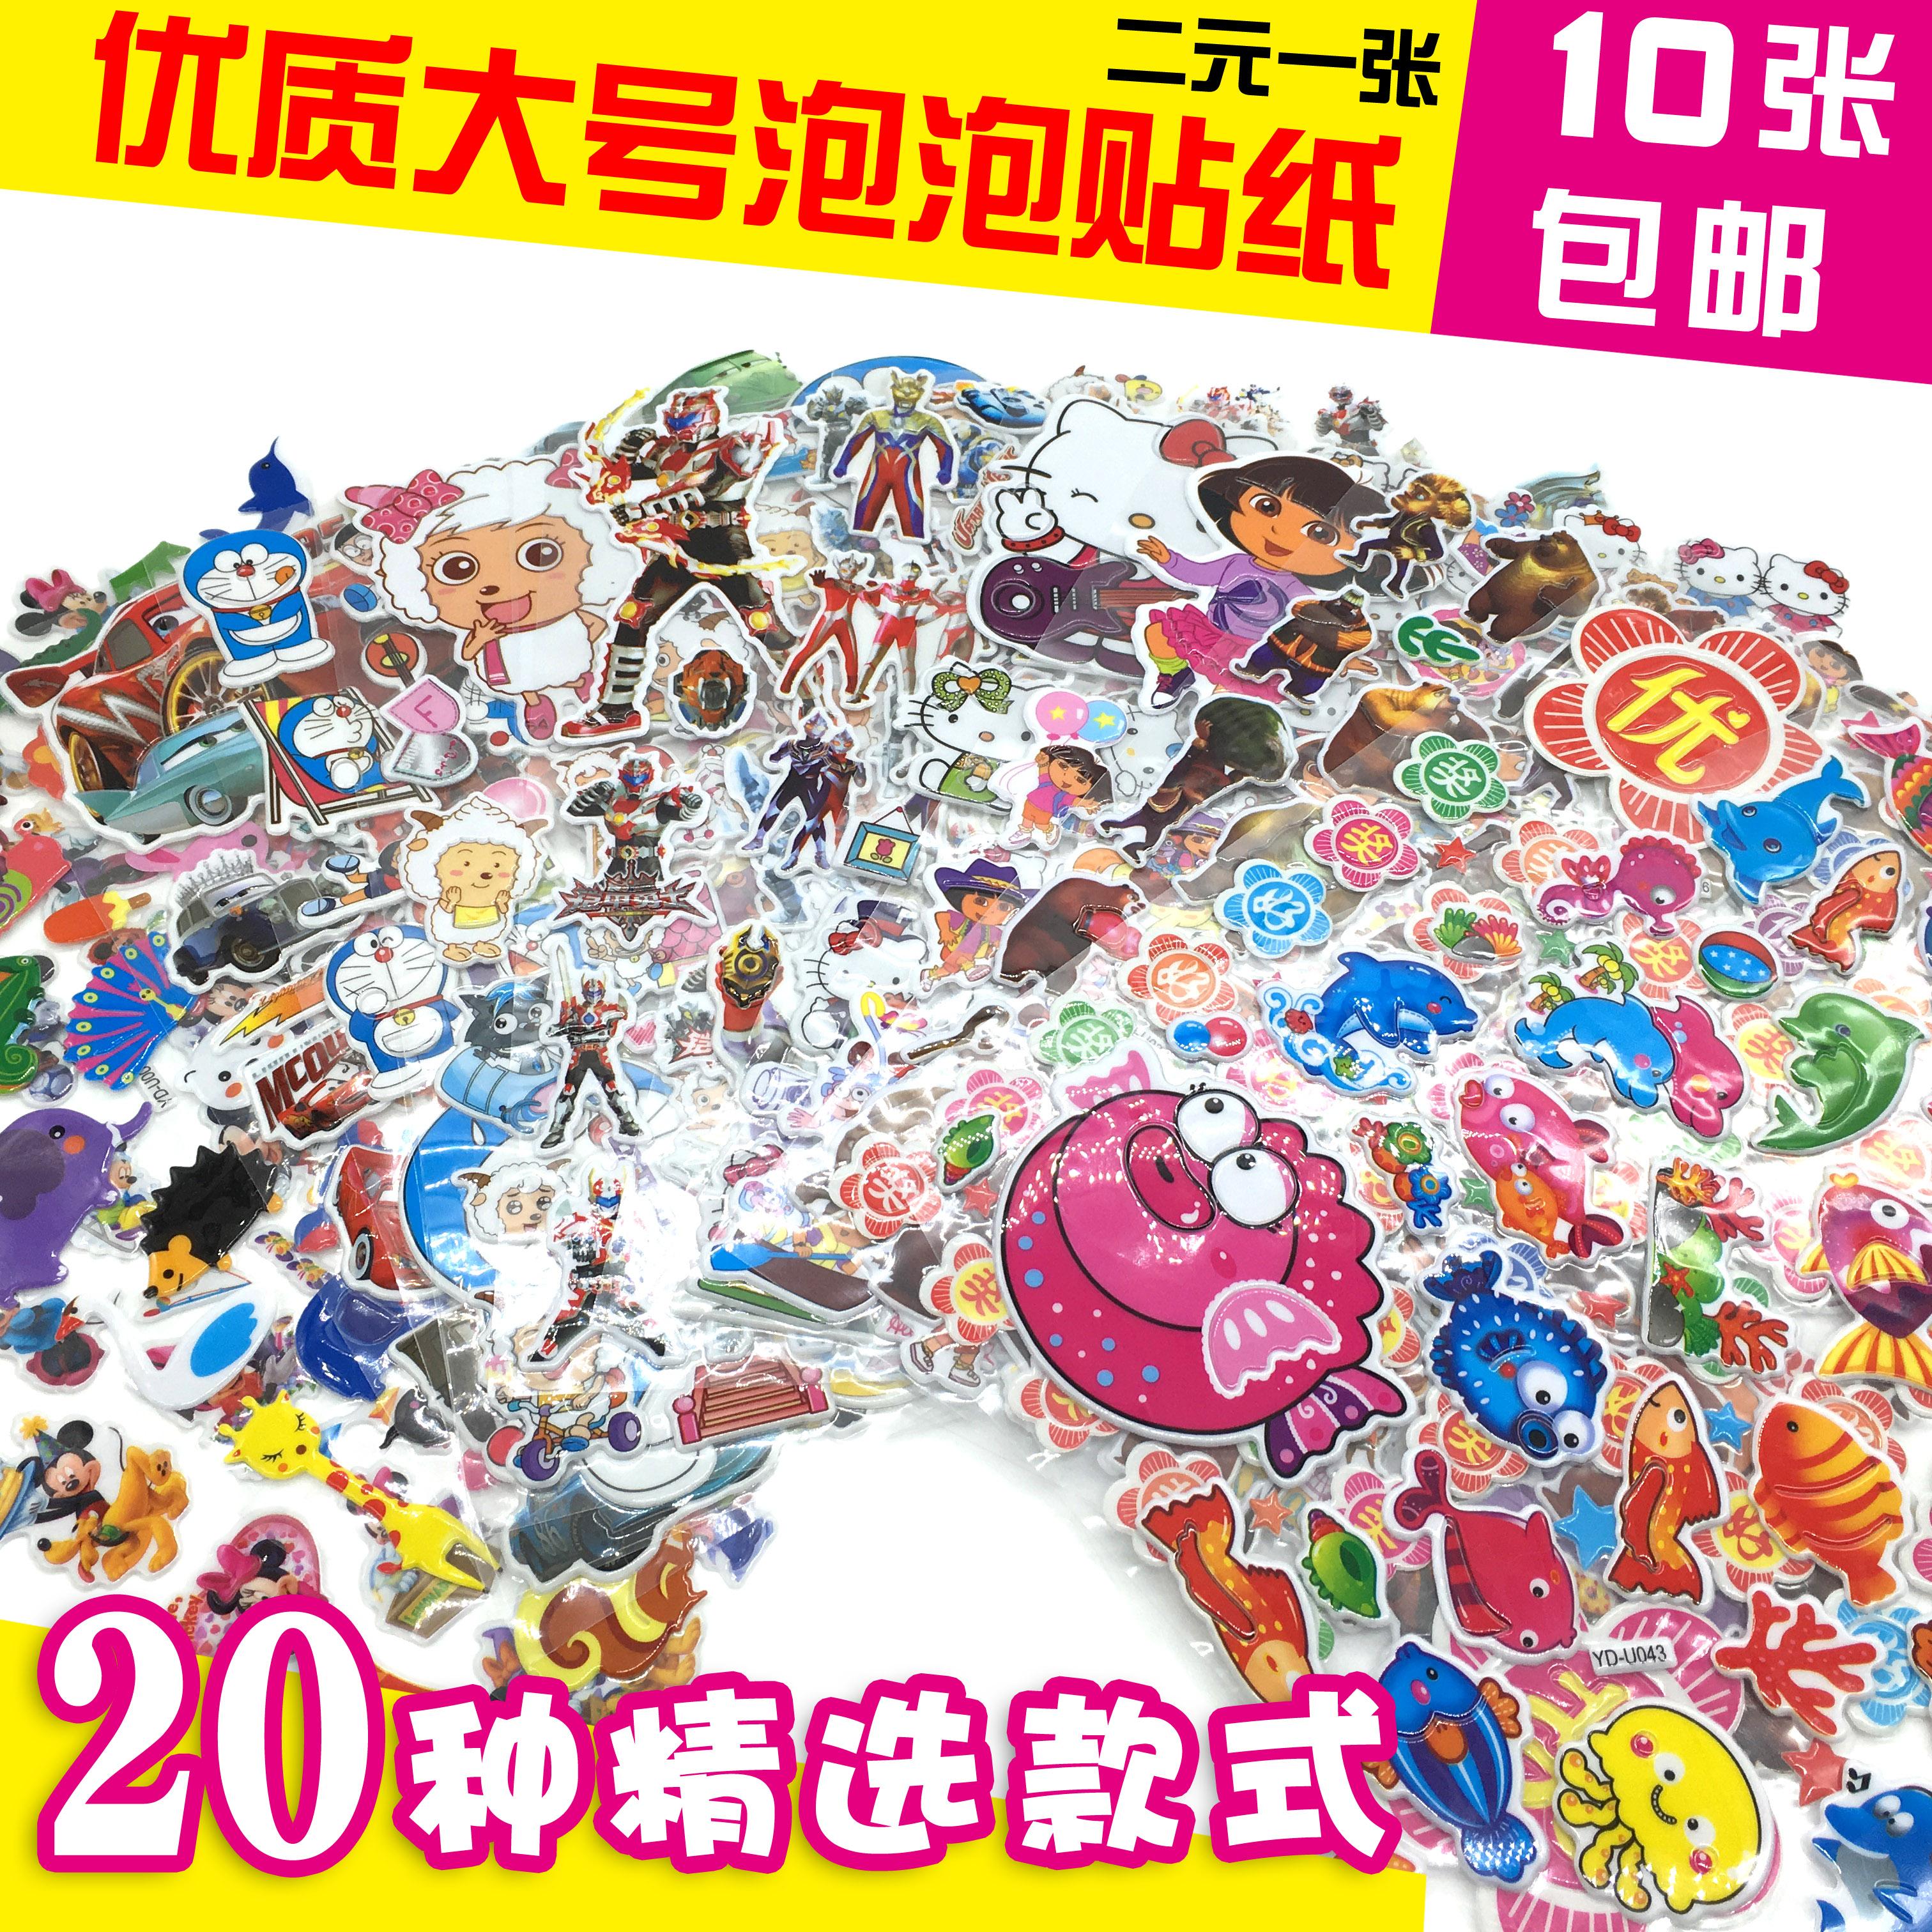 优质大号儿童贴纸3D立体韩国泡泡贴纸卡通粘贴纸宝宝贴画本粘粘纸